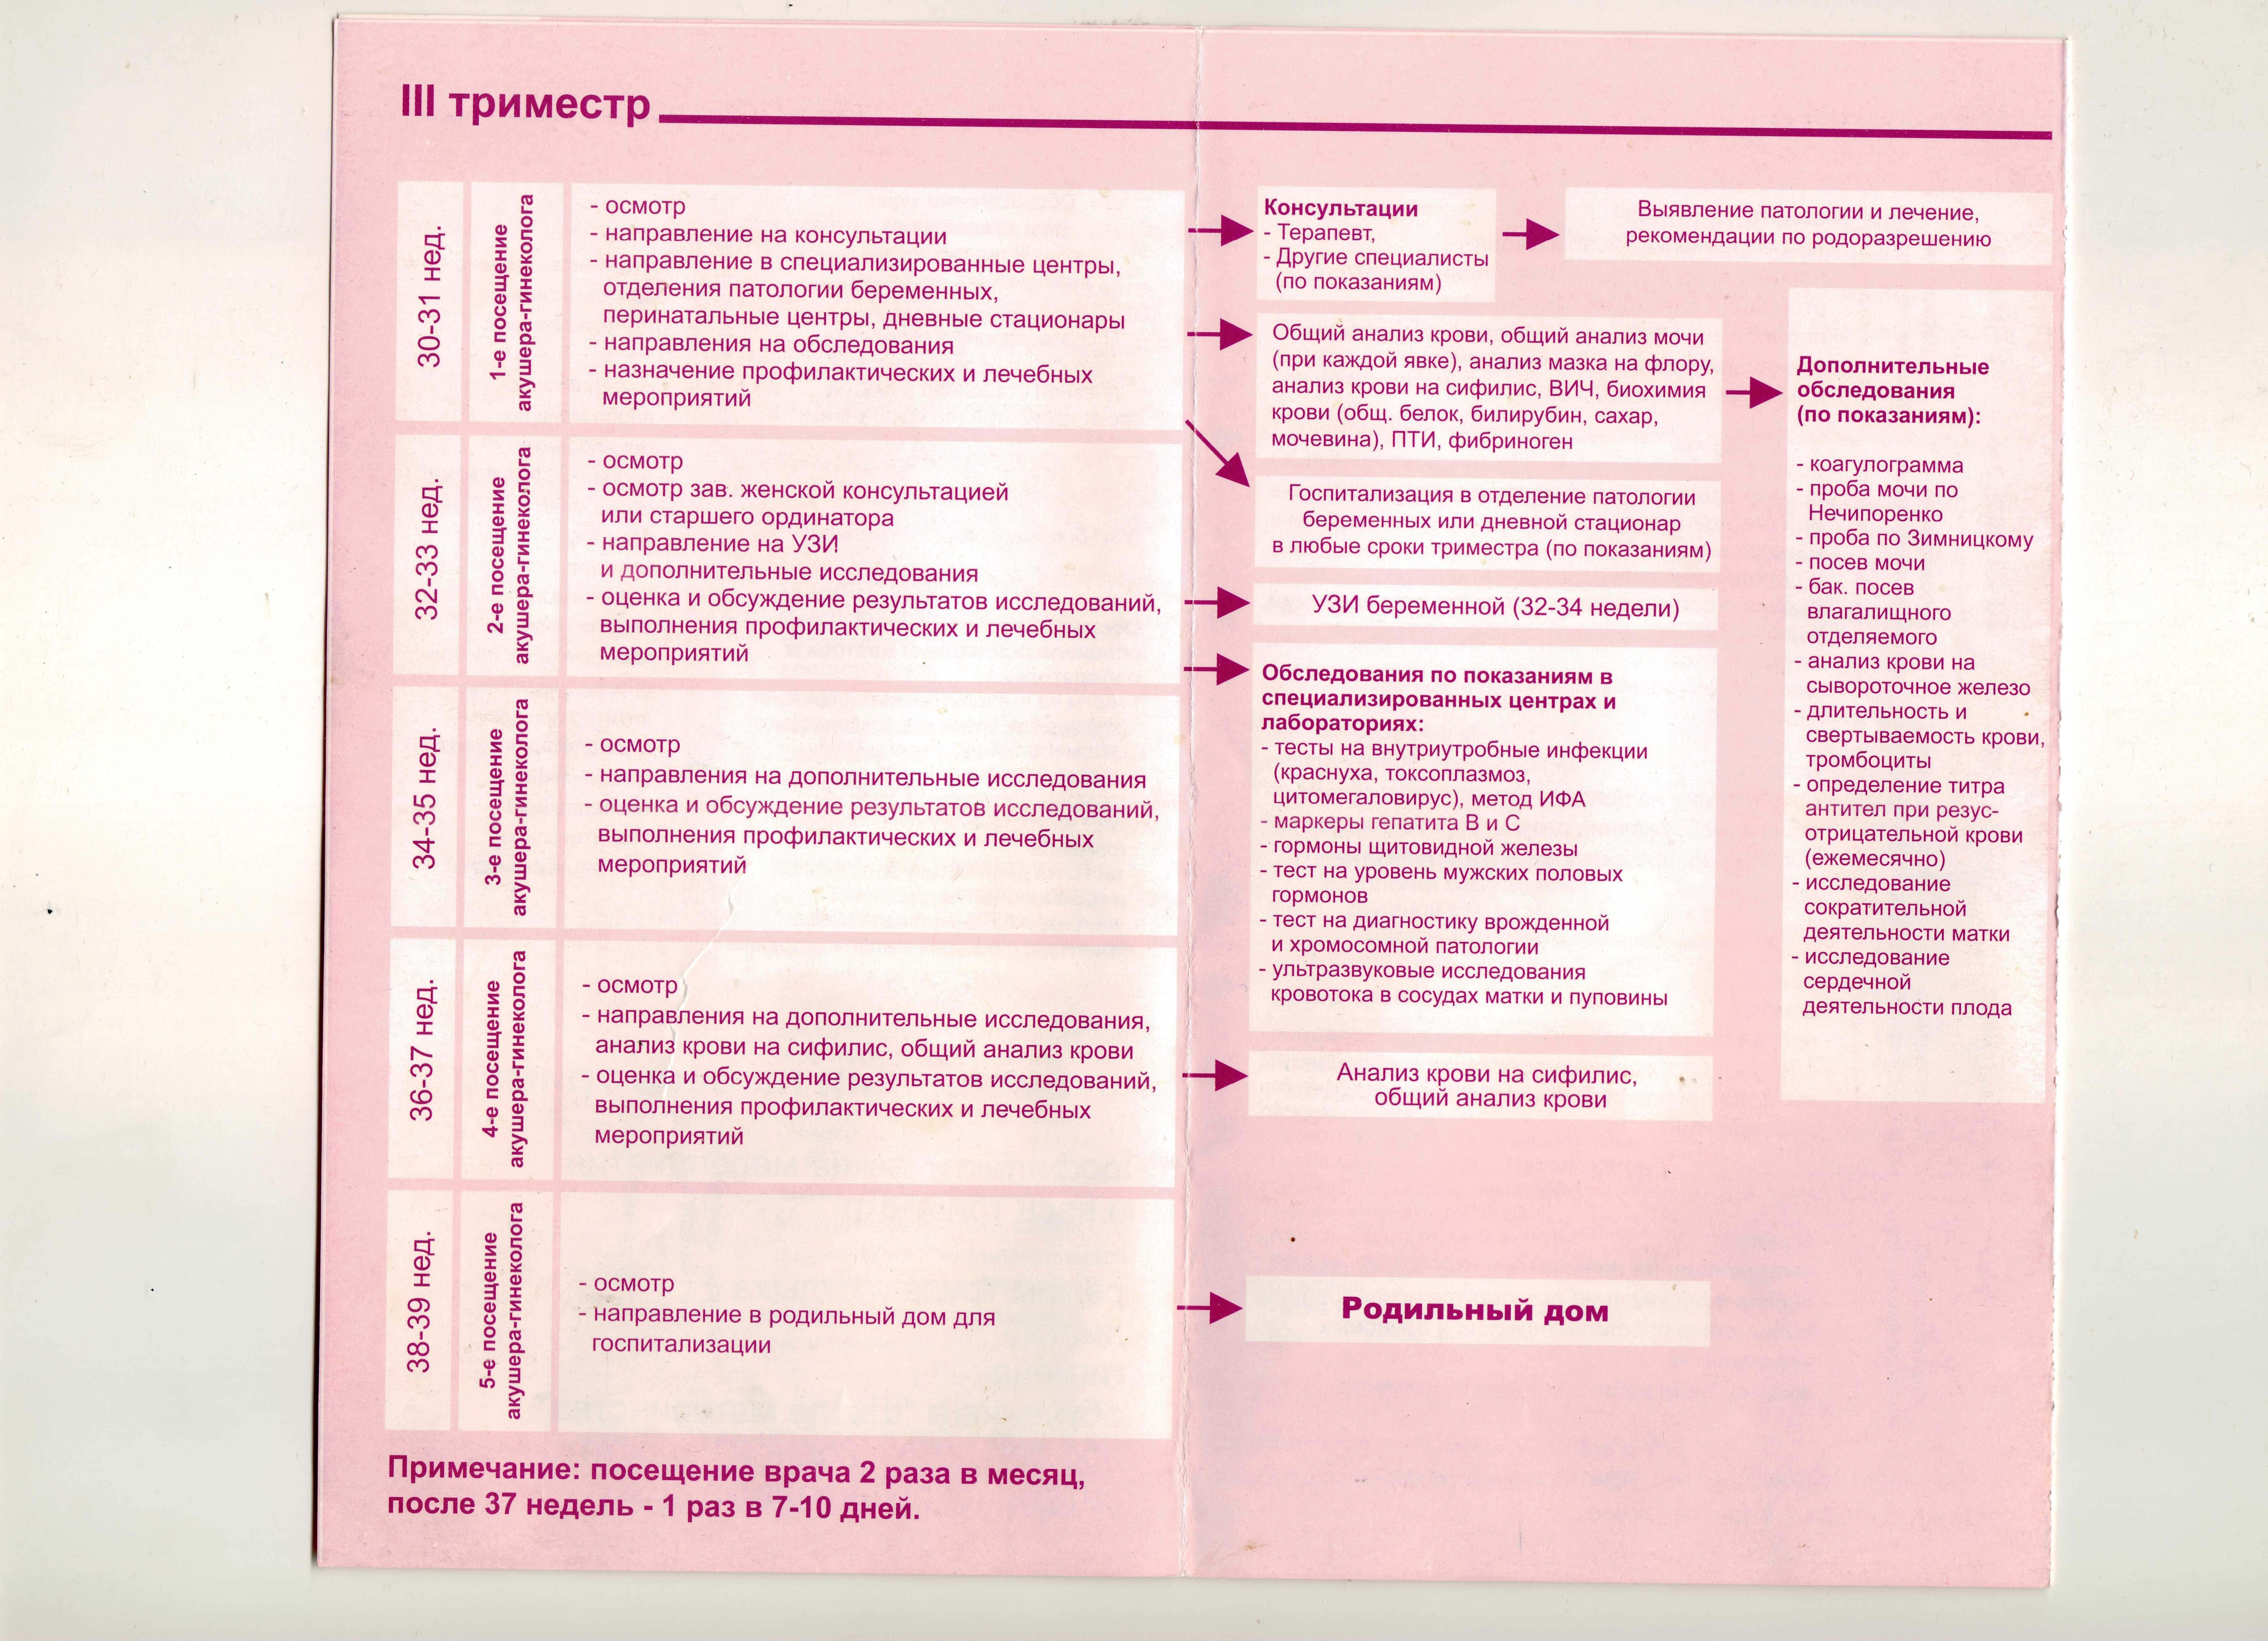 Какие нужны анализы при беременности?